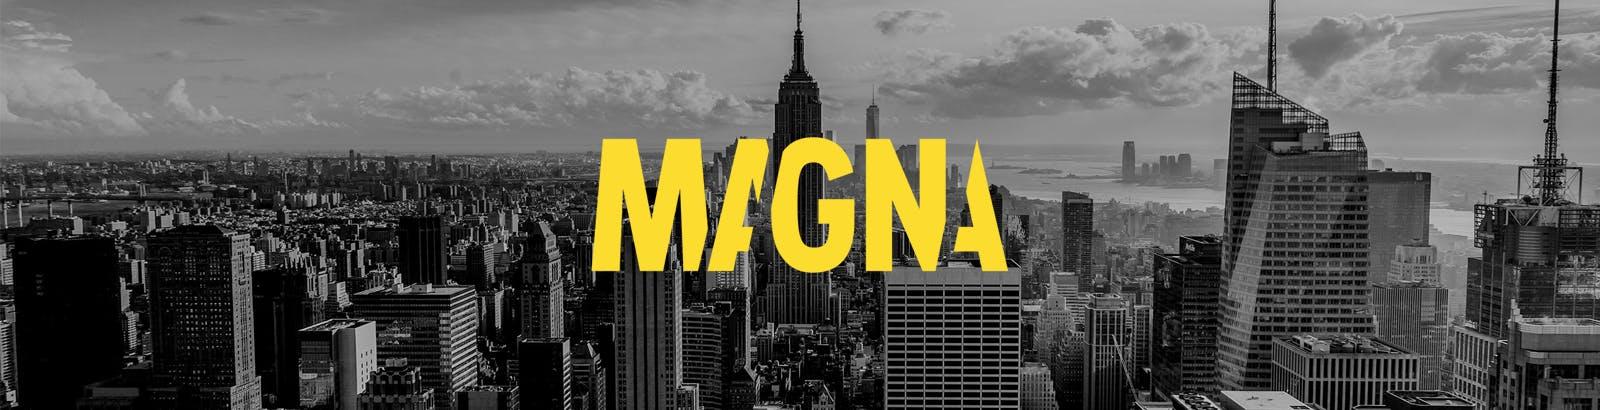 MAGNA hero 410v2 - Buyer Spotlight: MAGNA